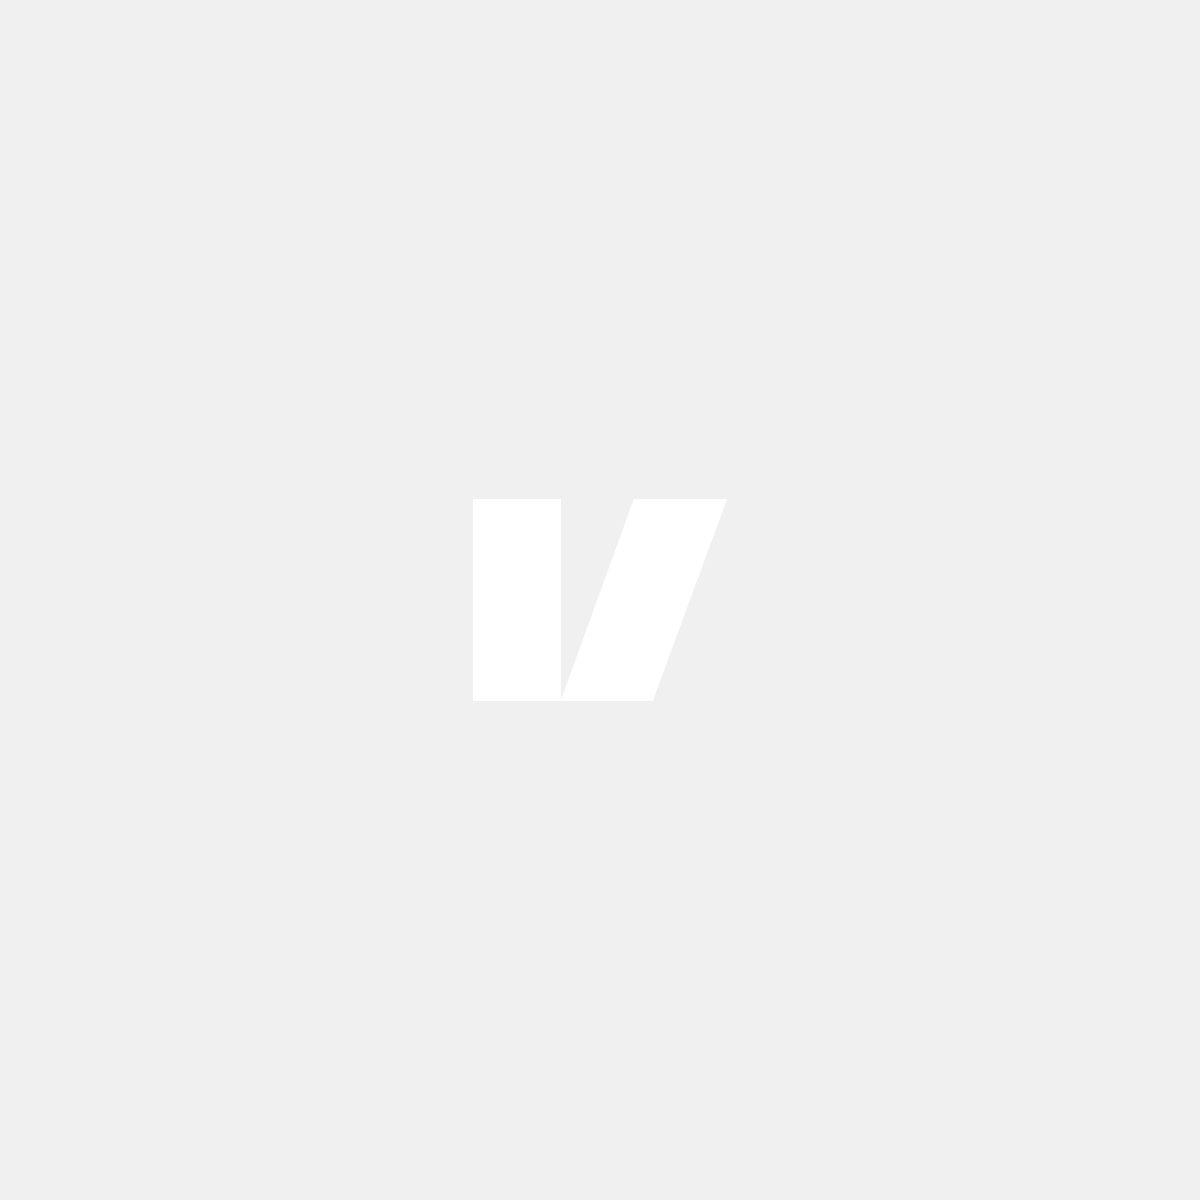 Black rim blinkers till Volvo S40, V40 01-04, passagerarsidan